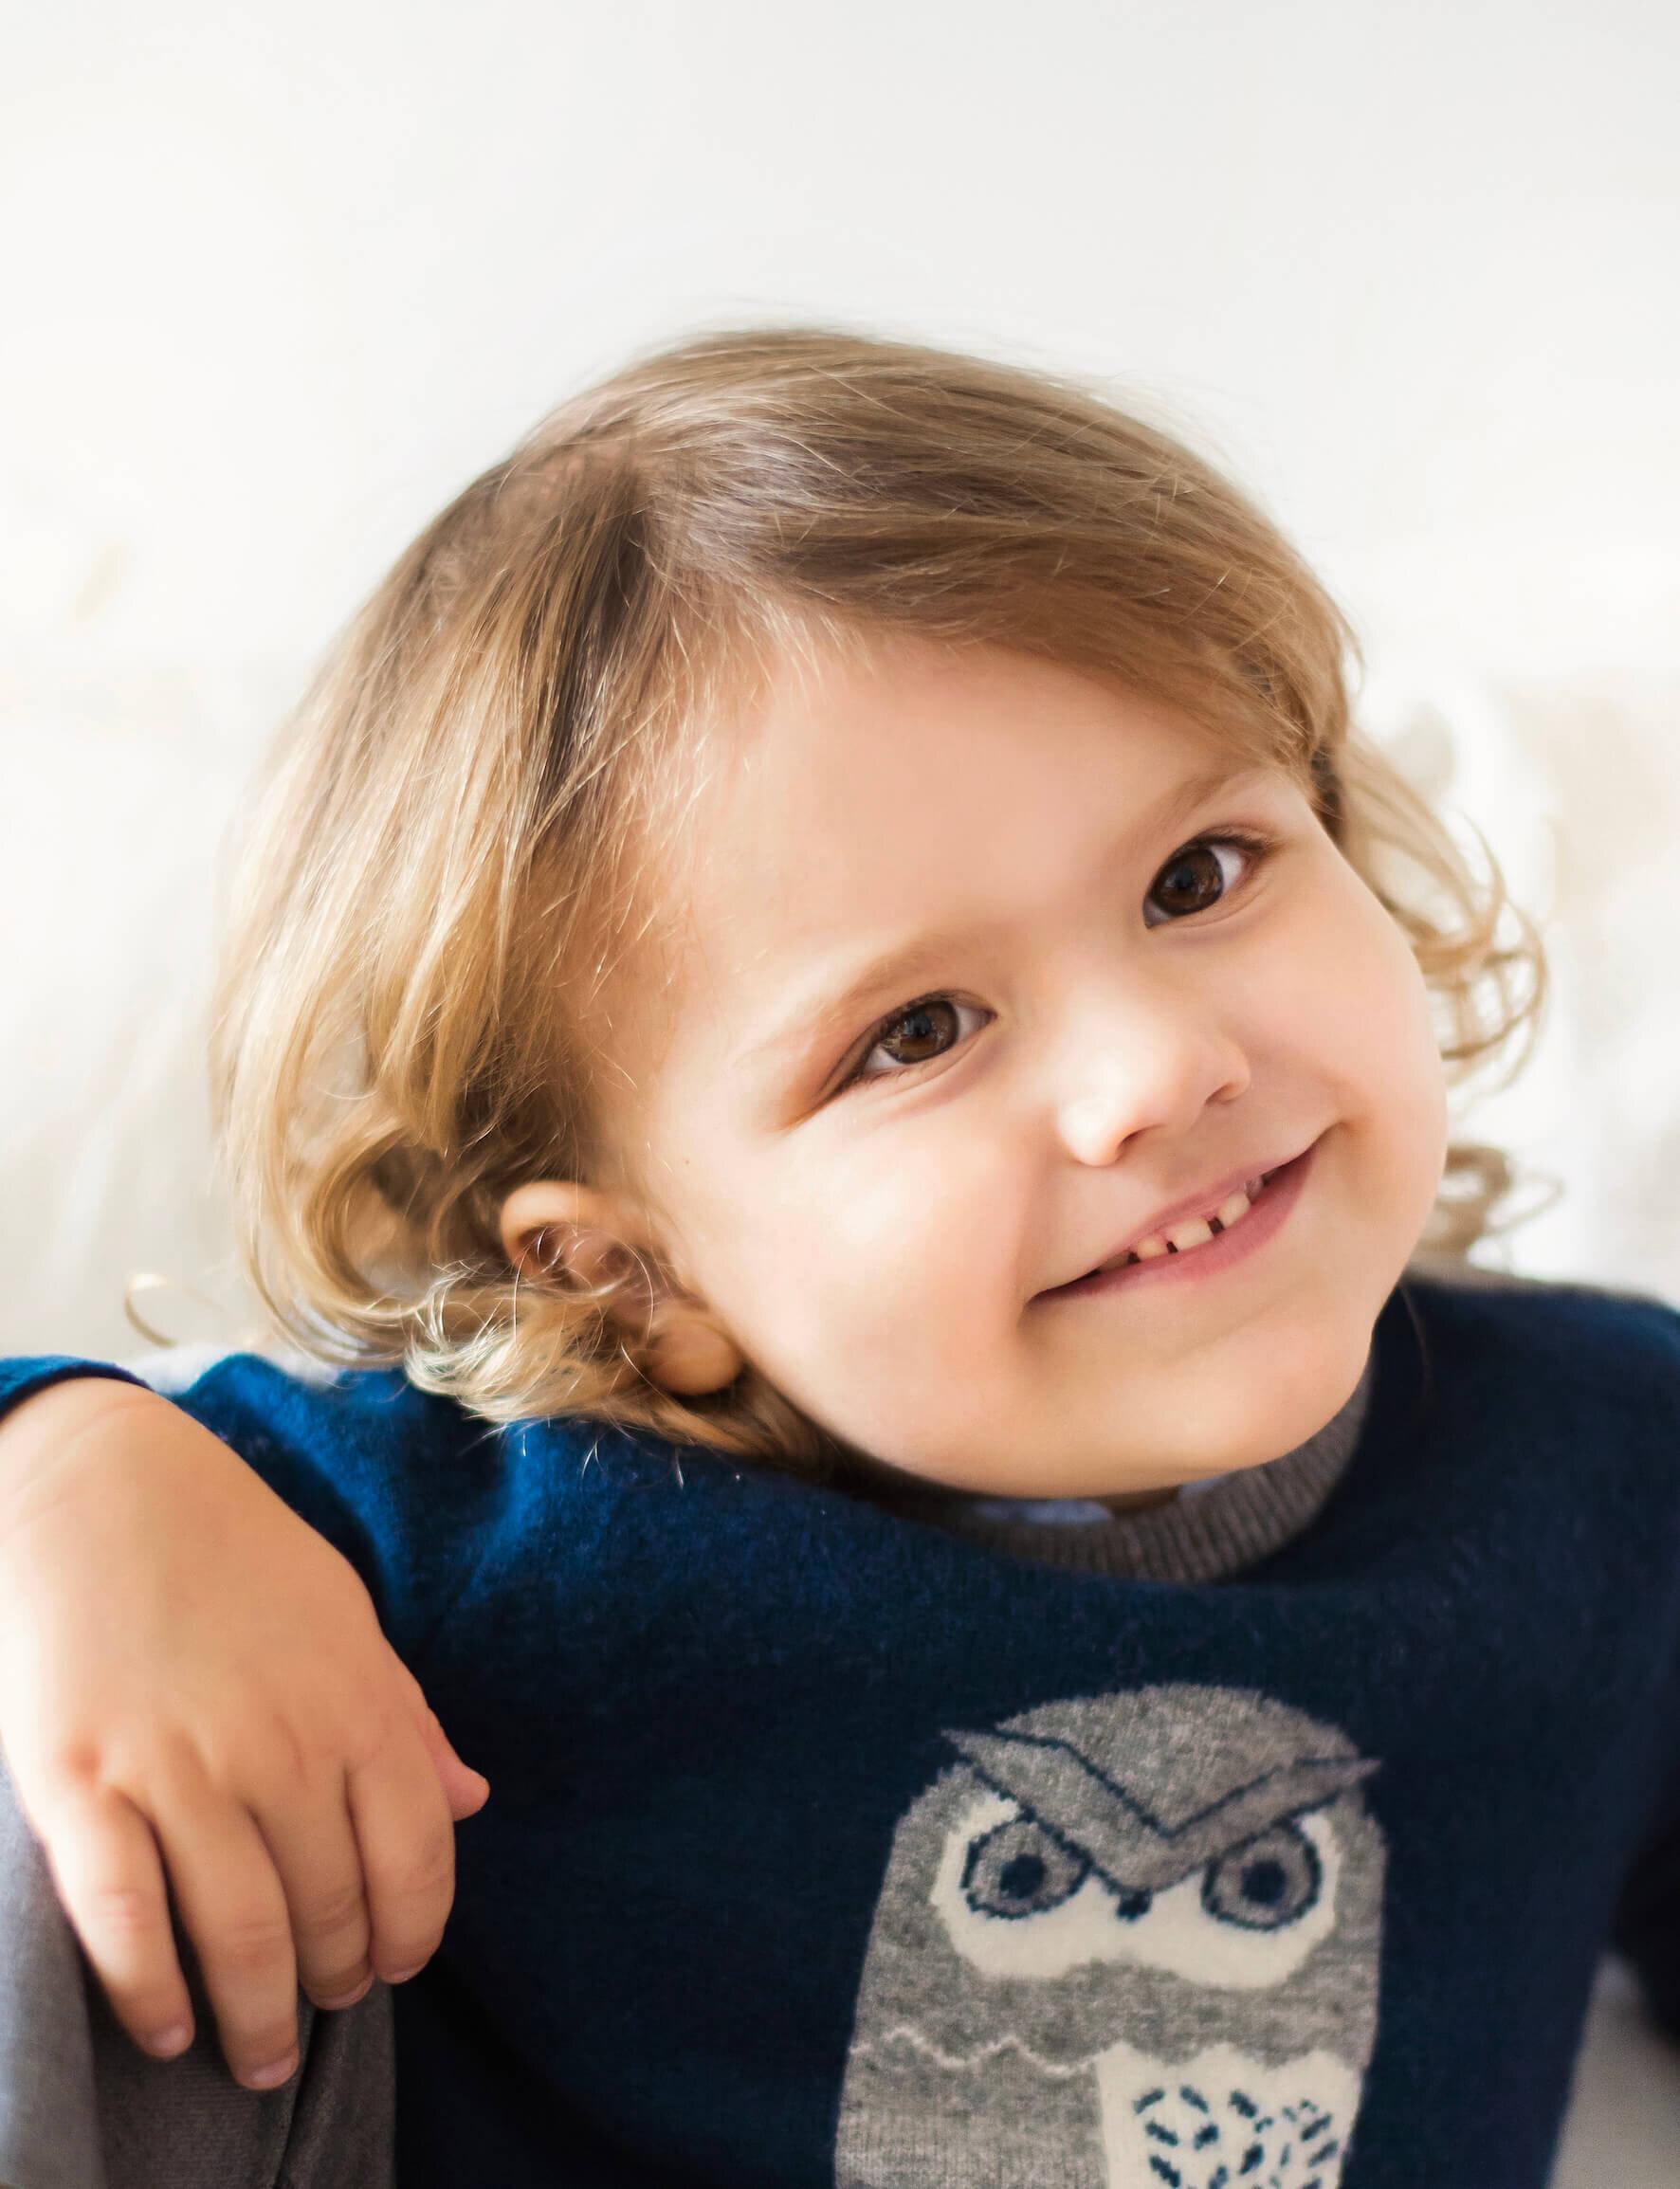 Das offizielle Geburtstagsfoto von Prinz Alexander zum dritten Geburtstag: Mit seinen großen braunen Augen, den süßen Locken und dem Zahnlückenlächeln ist Prinz Alexander wirklich ein kleiner Charmebolzen. ©Josefine Persson, The Royal Court of Sweden.